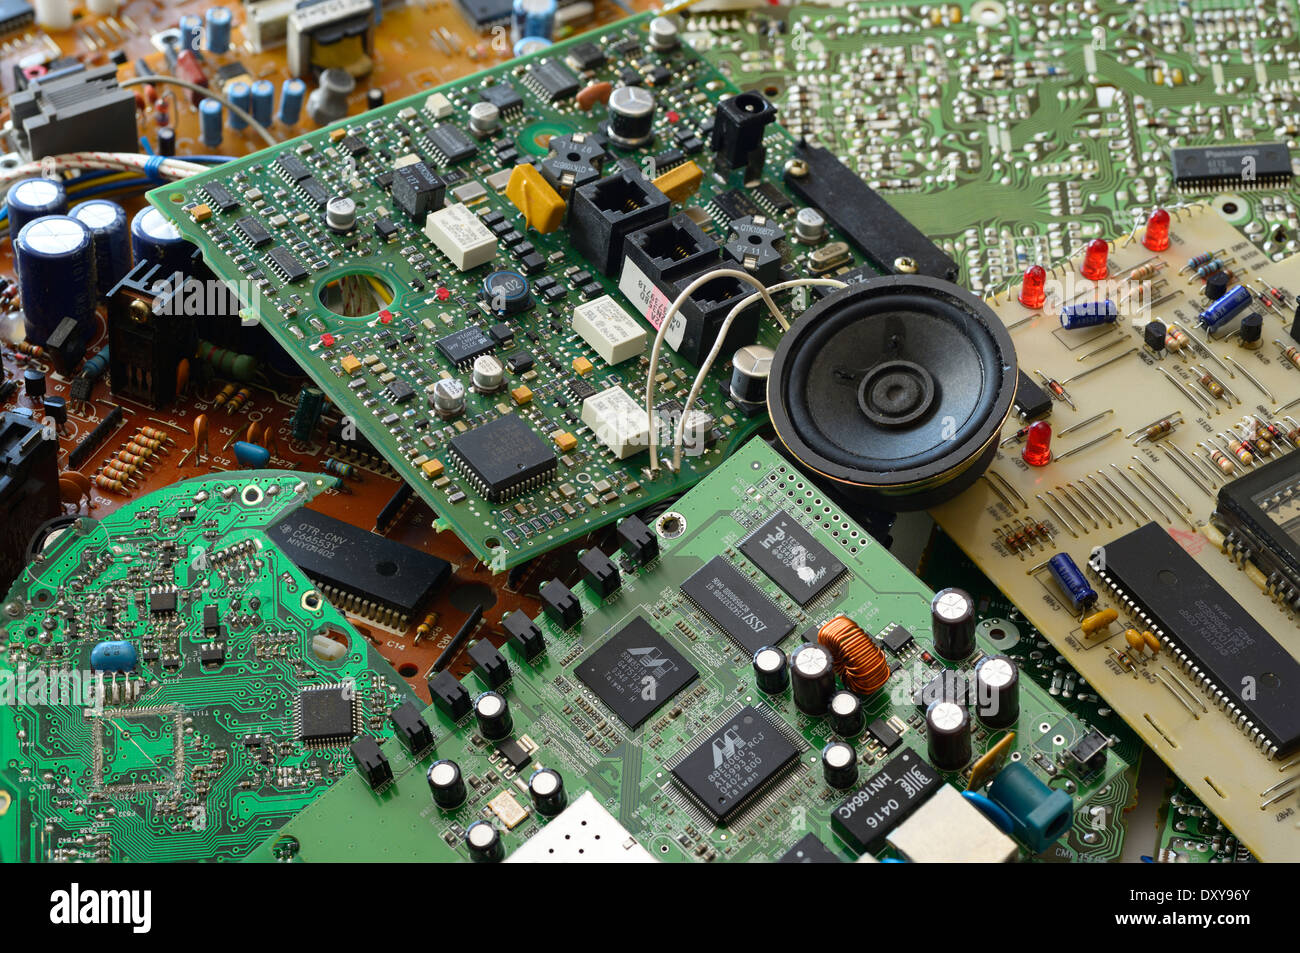 Collection de composants électroniques indésirables avec les puces et les cartes de circuit imprimé intégré Photo Stock